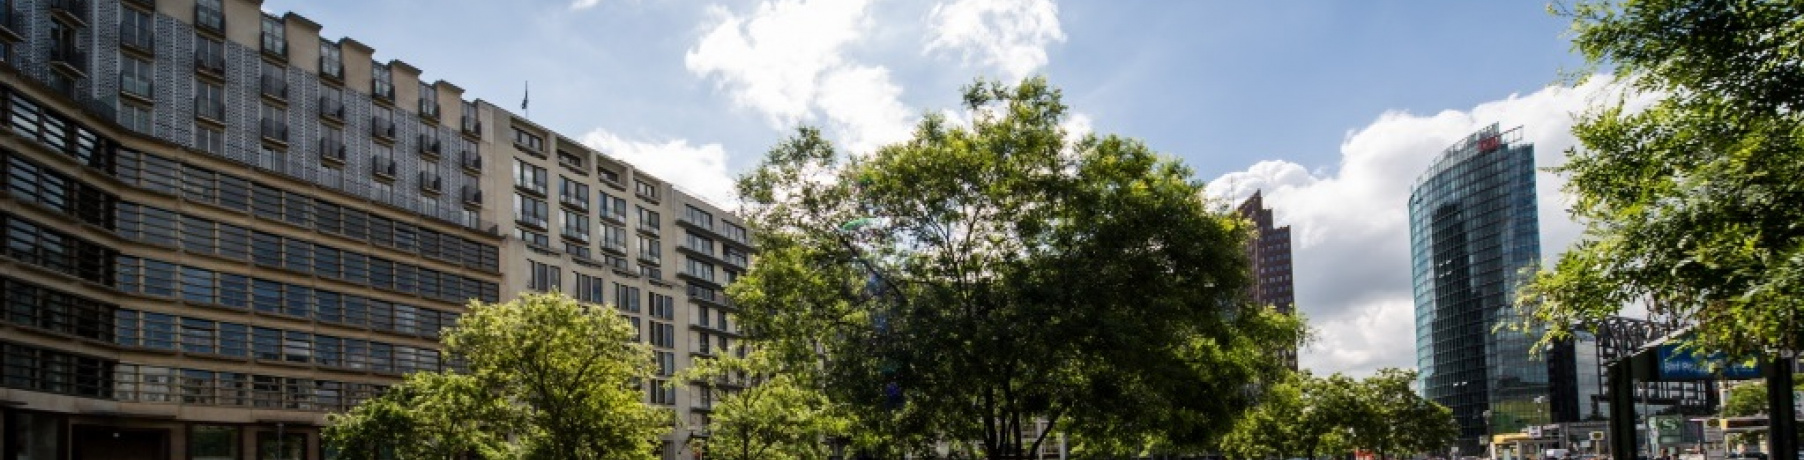 Werdermann | von Rüden, Partnerschaft von Rechtsanwälten, Leipziger Platz 9, 10117 Berlin